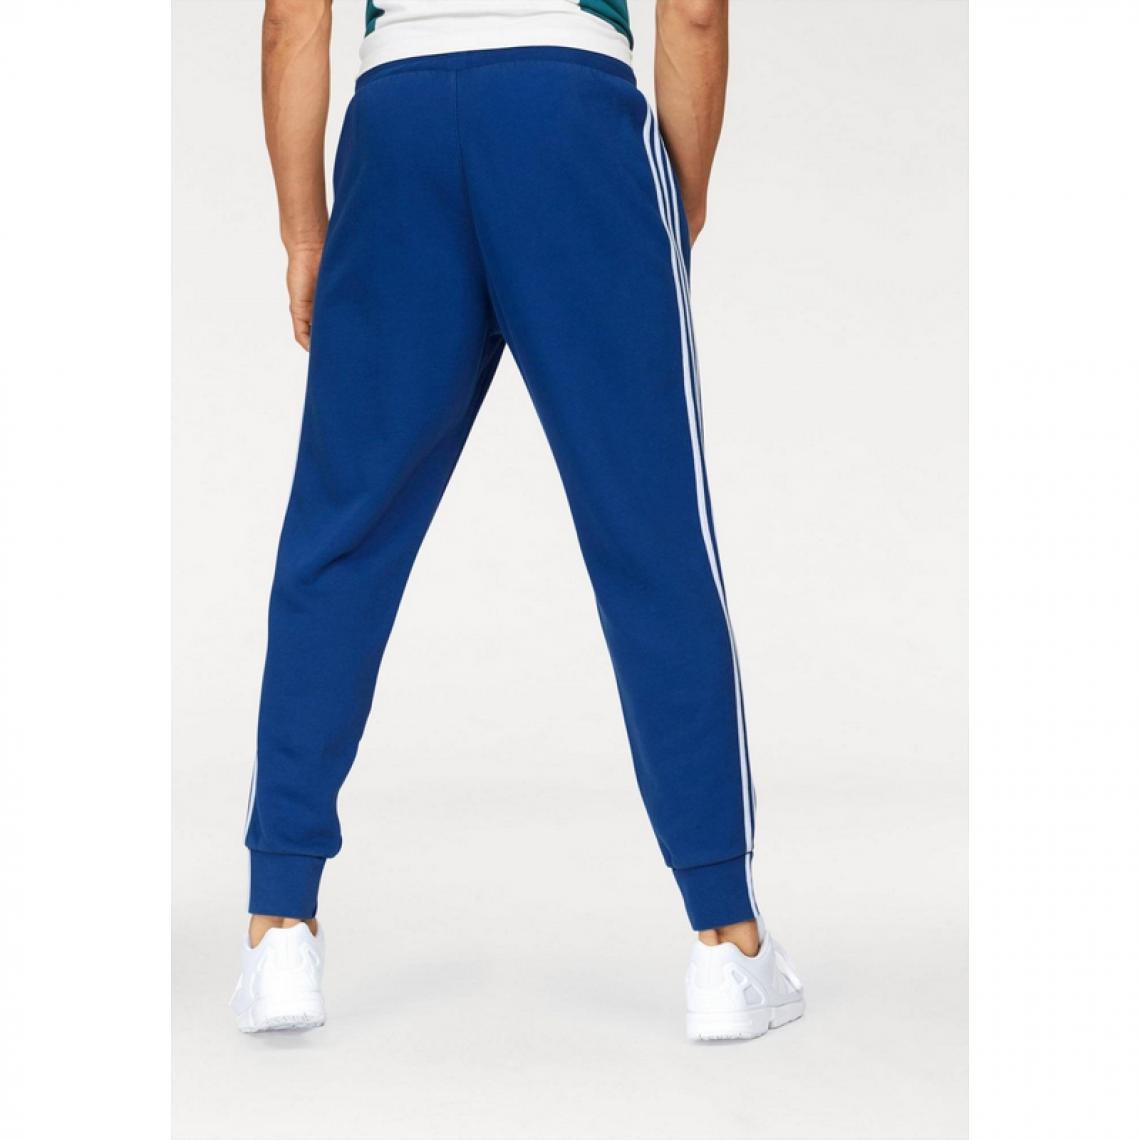 Pantalon de survêtement homme adidas Originals® - Bleu Pantalons de sport  homme 9d11cc7a175